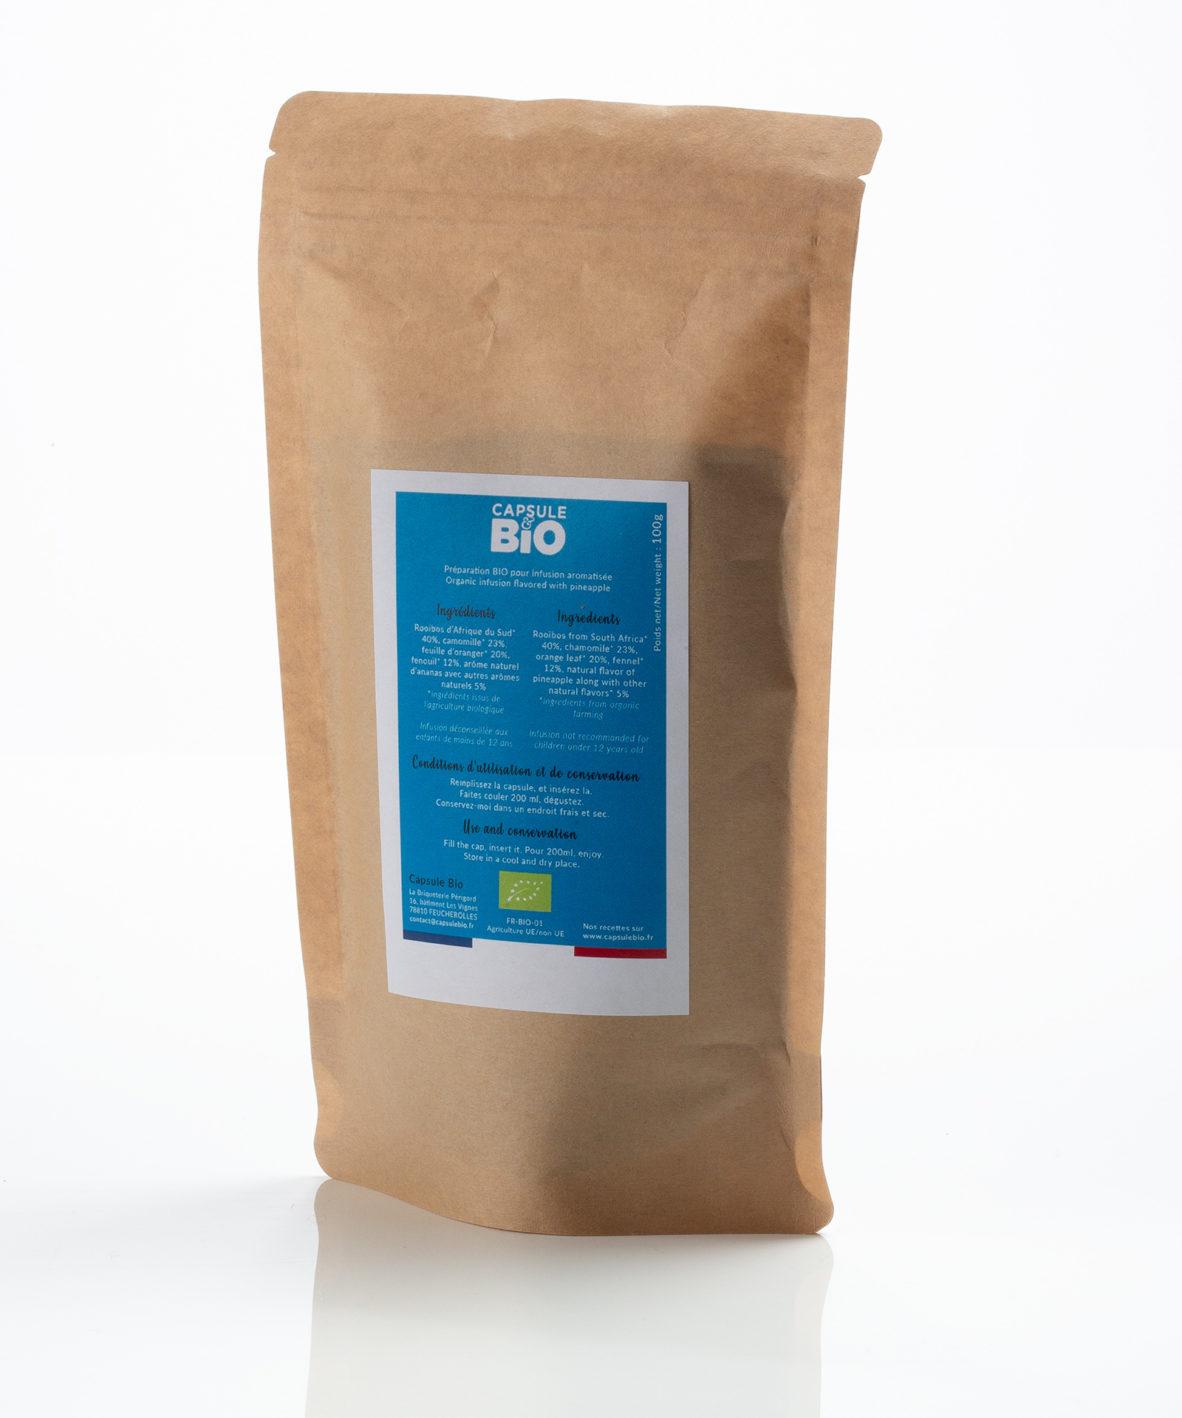 Capsulebio sachet infusion en vrac recette rooibos Digest bio